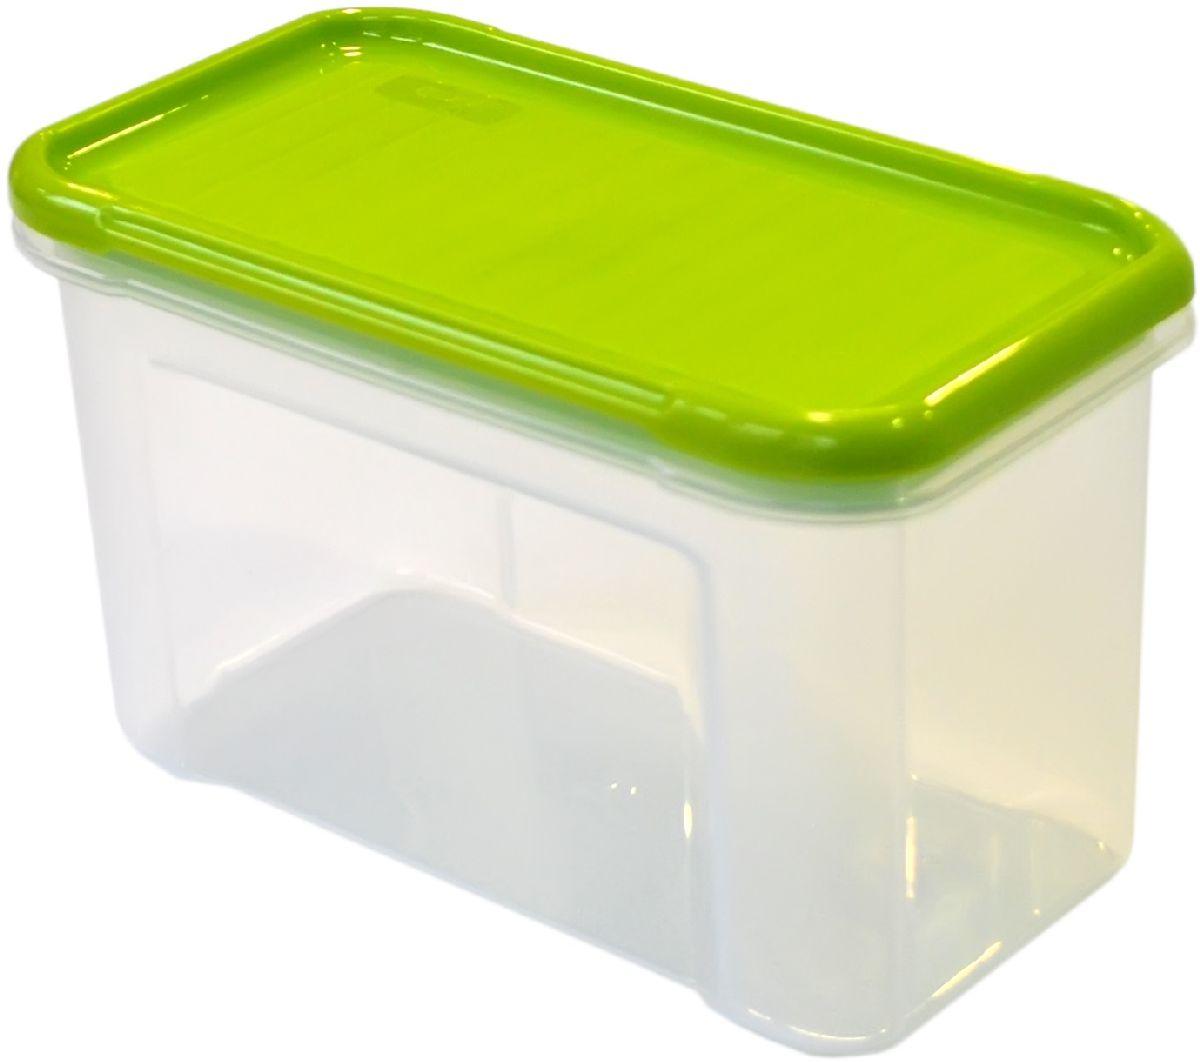 Банка для сыпучих продуктов Giaretti Krupa, цвет: оливковый, прозрачный, 0,75 лGR2231ОЛБанки для сыпучих продуктов предназначены для хранения круп, сахара, макаронных изделий, сладостей и т.п., в том числе для продуктов с ярким ароматом (специи и пр.). Строгая прямоугольная форма банок поможет Вам организовать пространство максимально комфортно, не теряя полезную площадь. При этом банки устанавливаются одна на другую, что способствует экономии пространства в Вашем шкафу. Плотная крышка не пропускает запахи, и они не смешиваются в Вашем шкафу. Благодаря разнообразным отверстиям в дозаторе, Вам будет удобно насыпать как мелкие, так и крупные сыпучие продукты, что сделает процесс приготовления пищи проще.